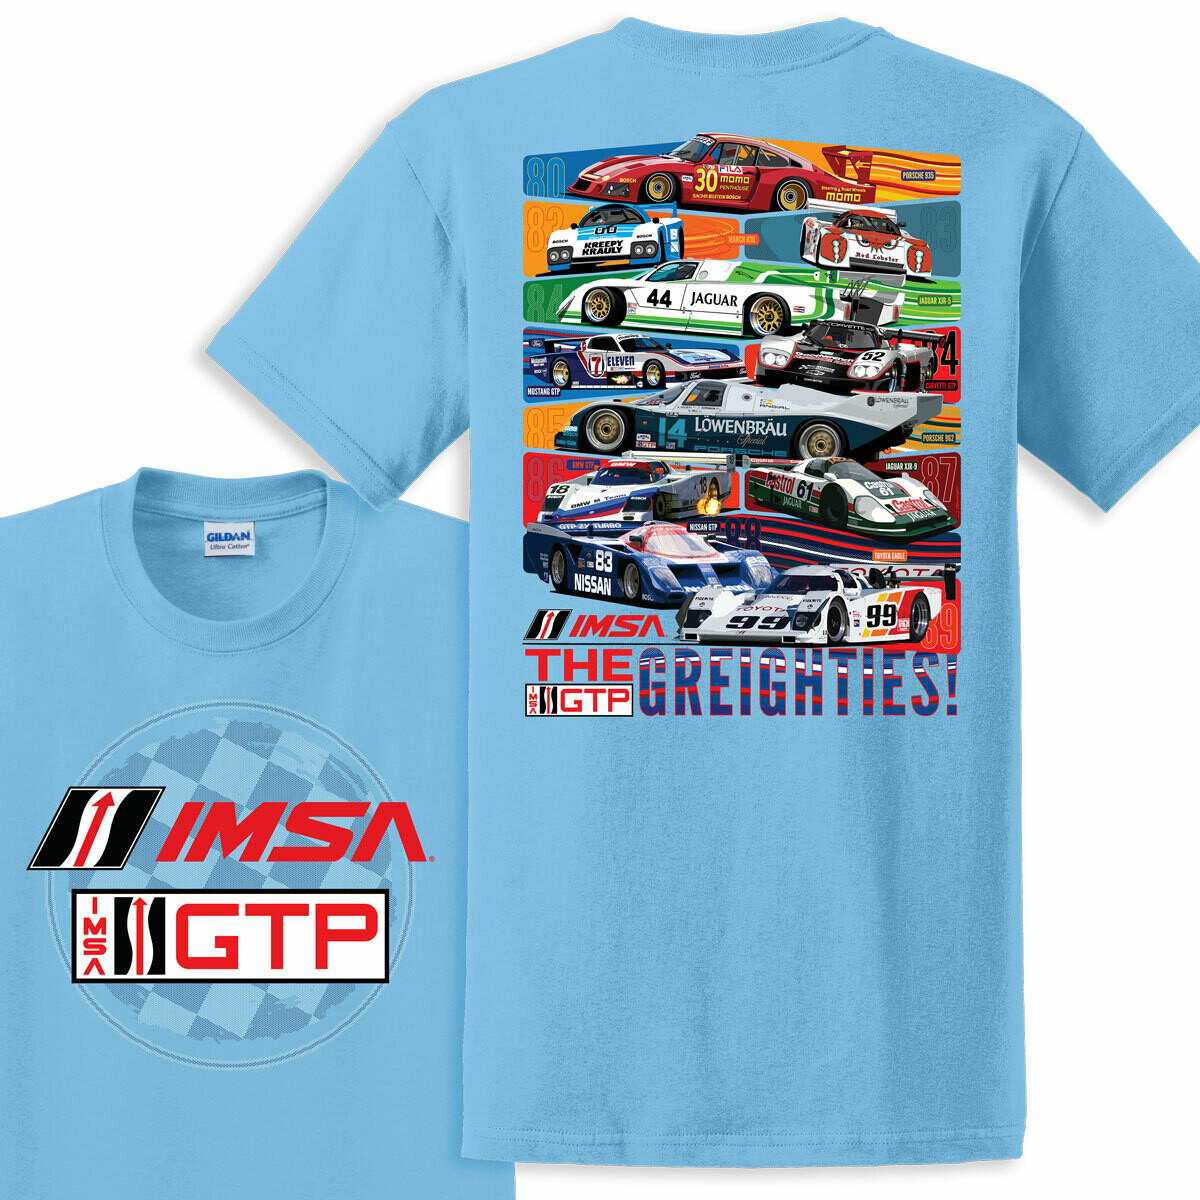 IMSA 1980s Car Heritage Tee - Sky Blue